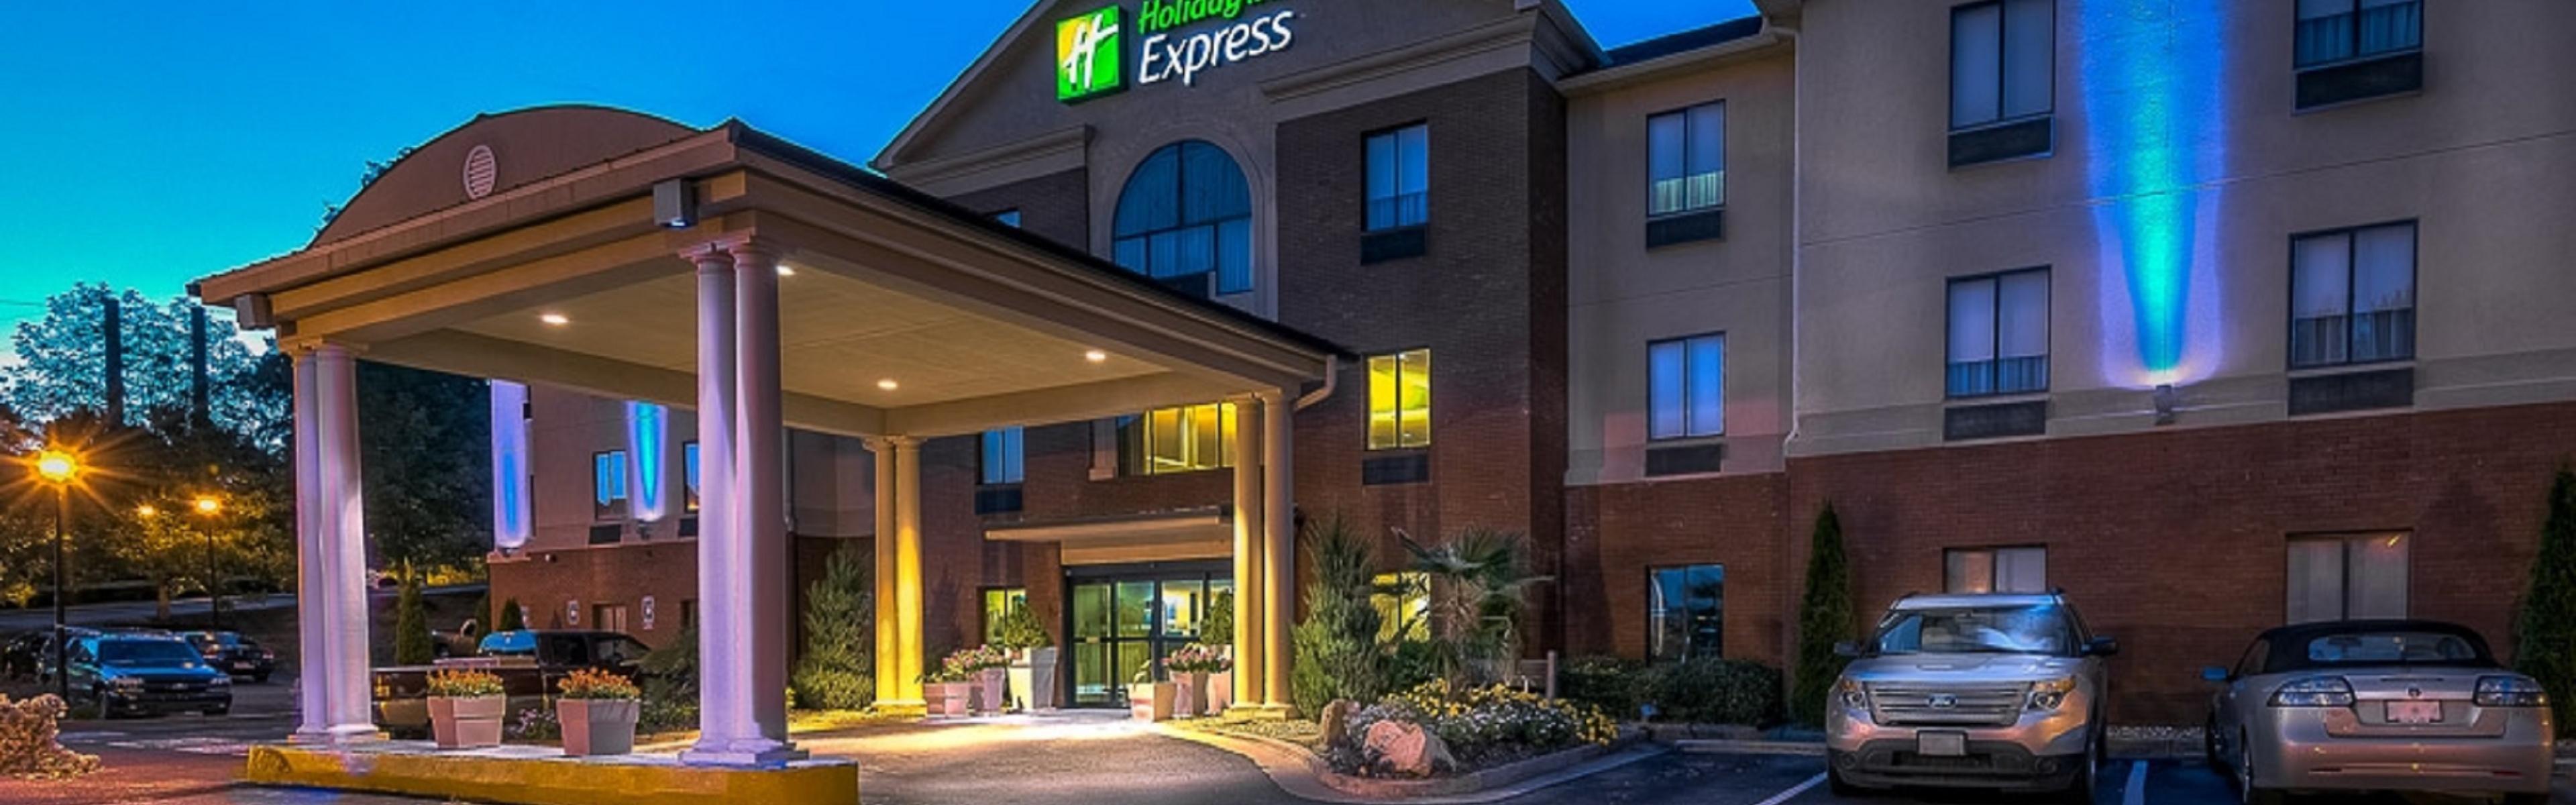 Holiday inn express coupon code